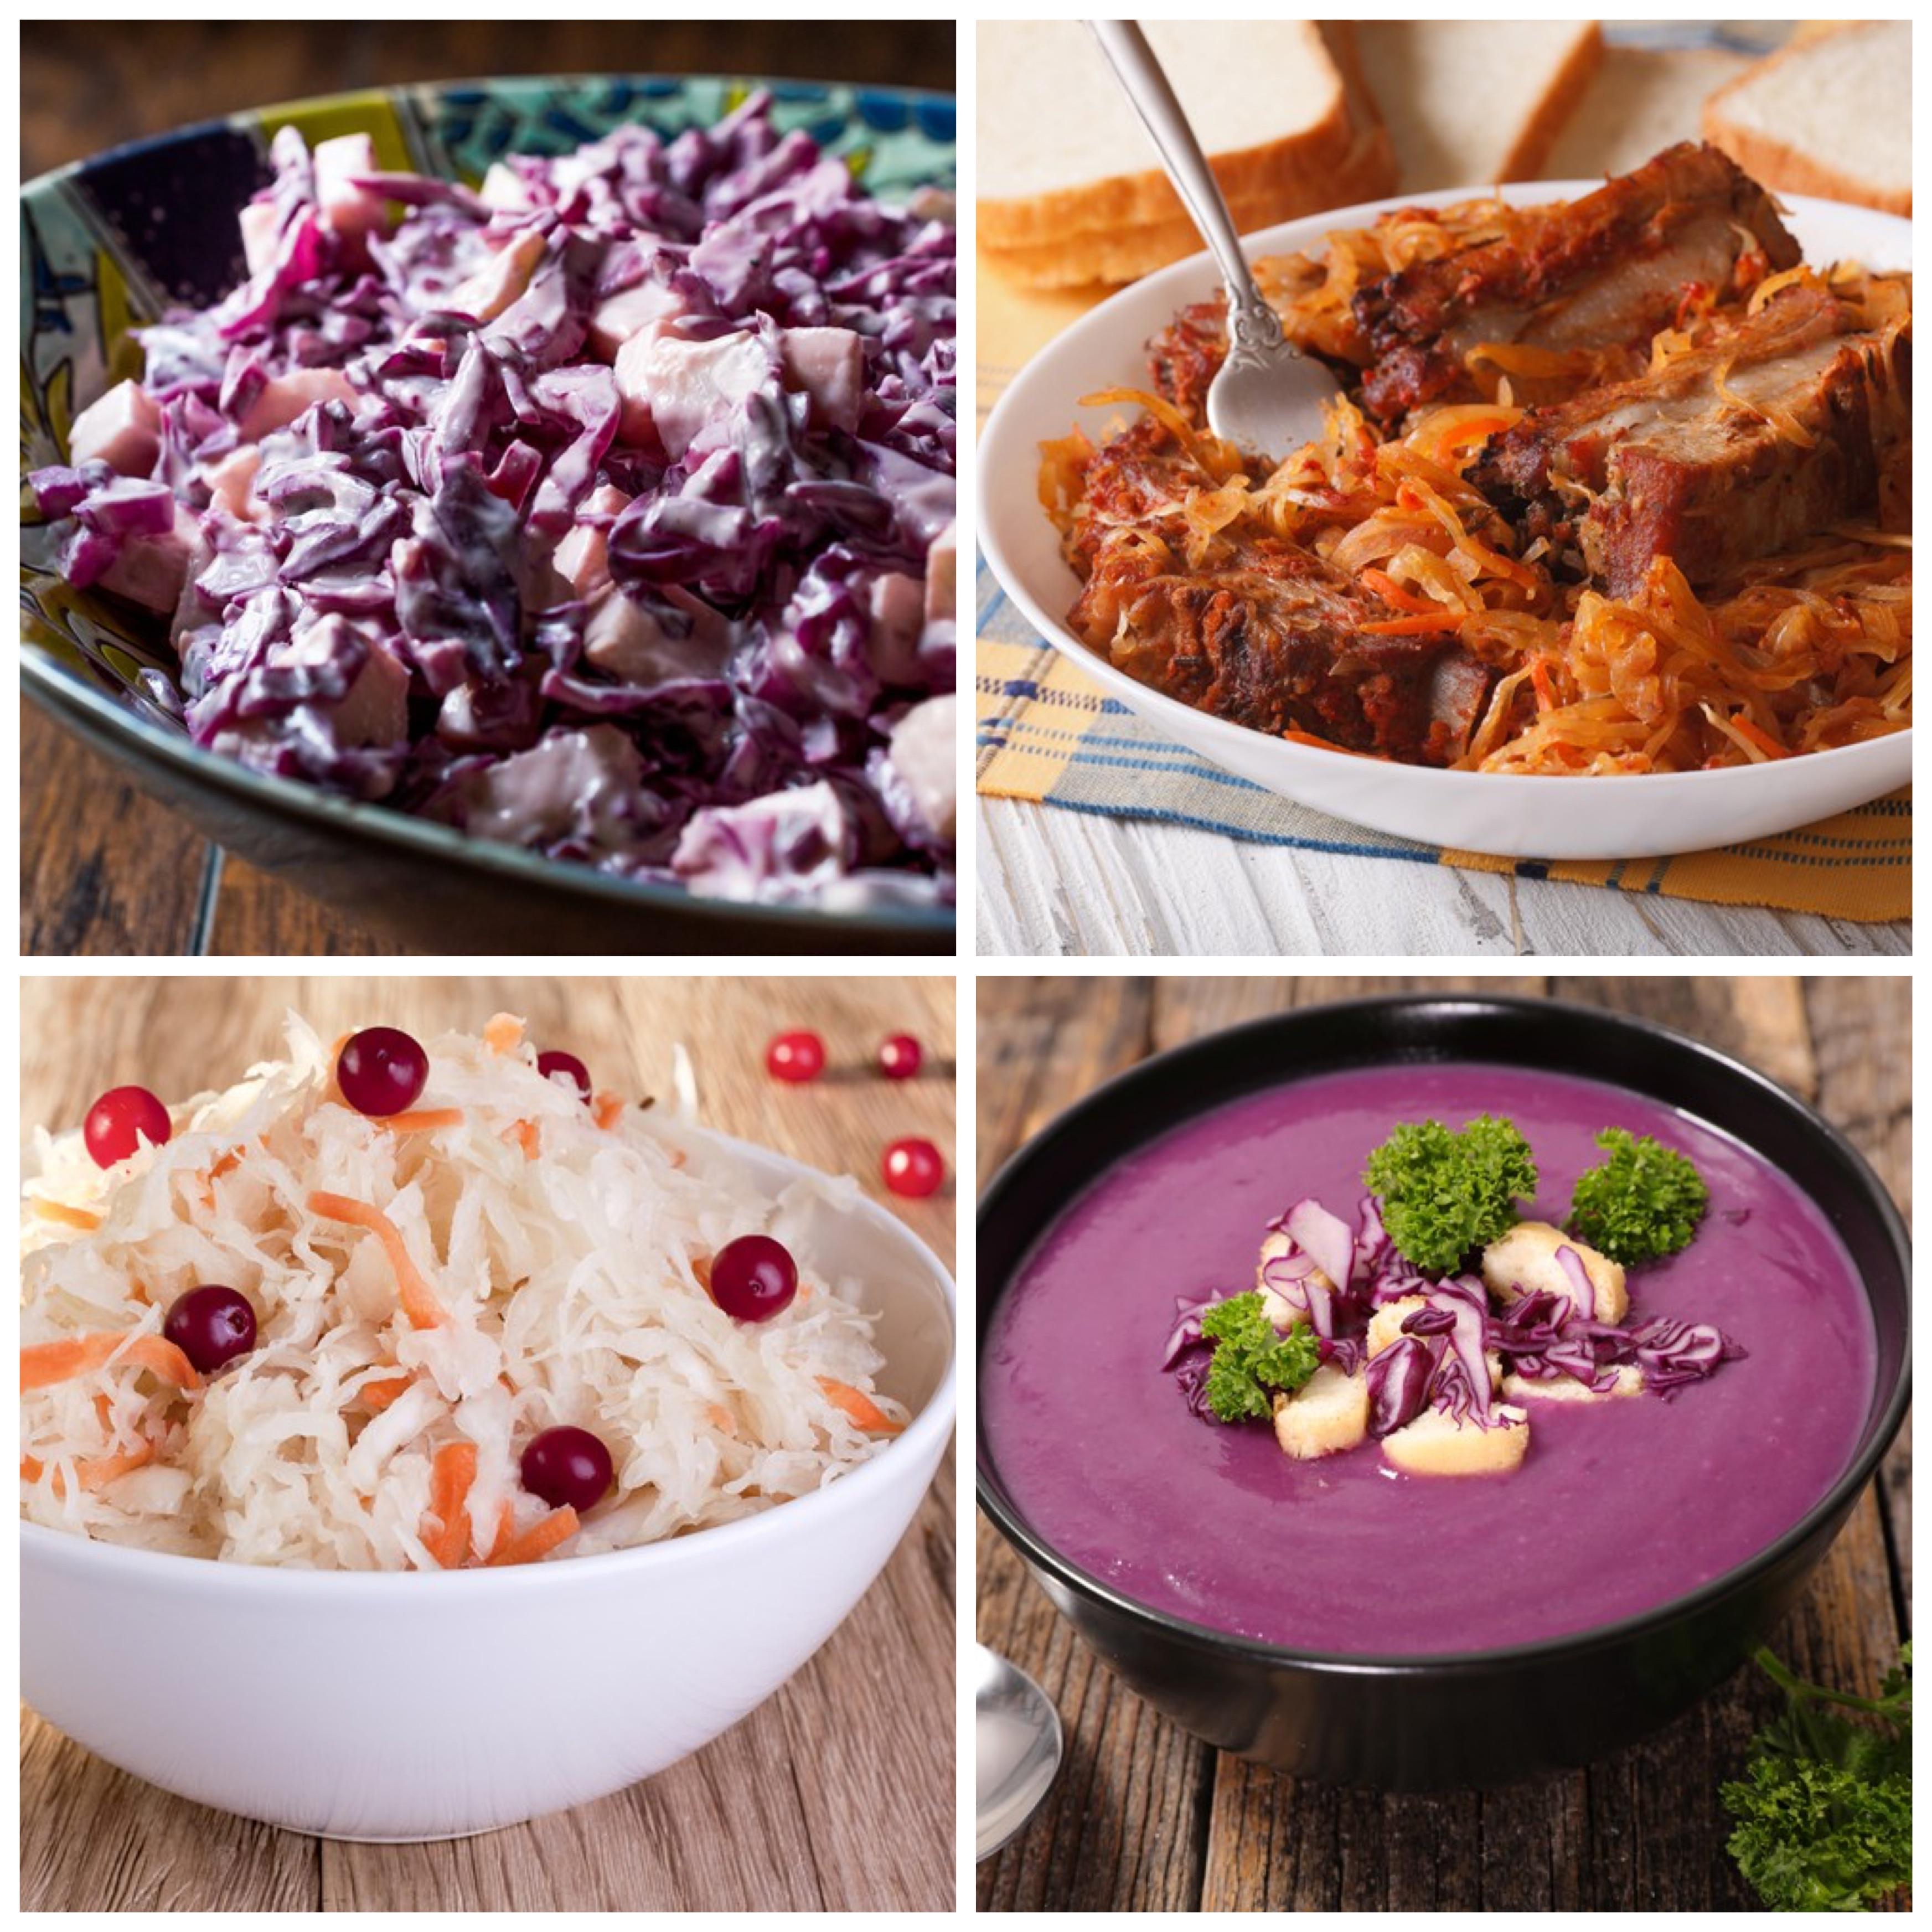 Топ 7 вкусных блюд из капусты на каждый день